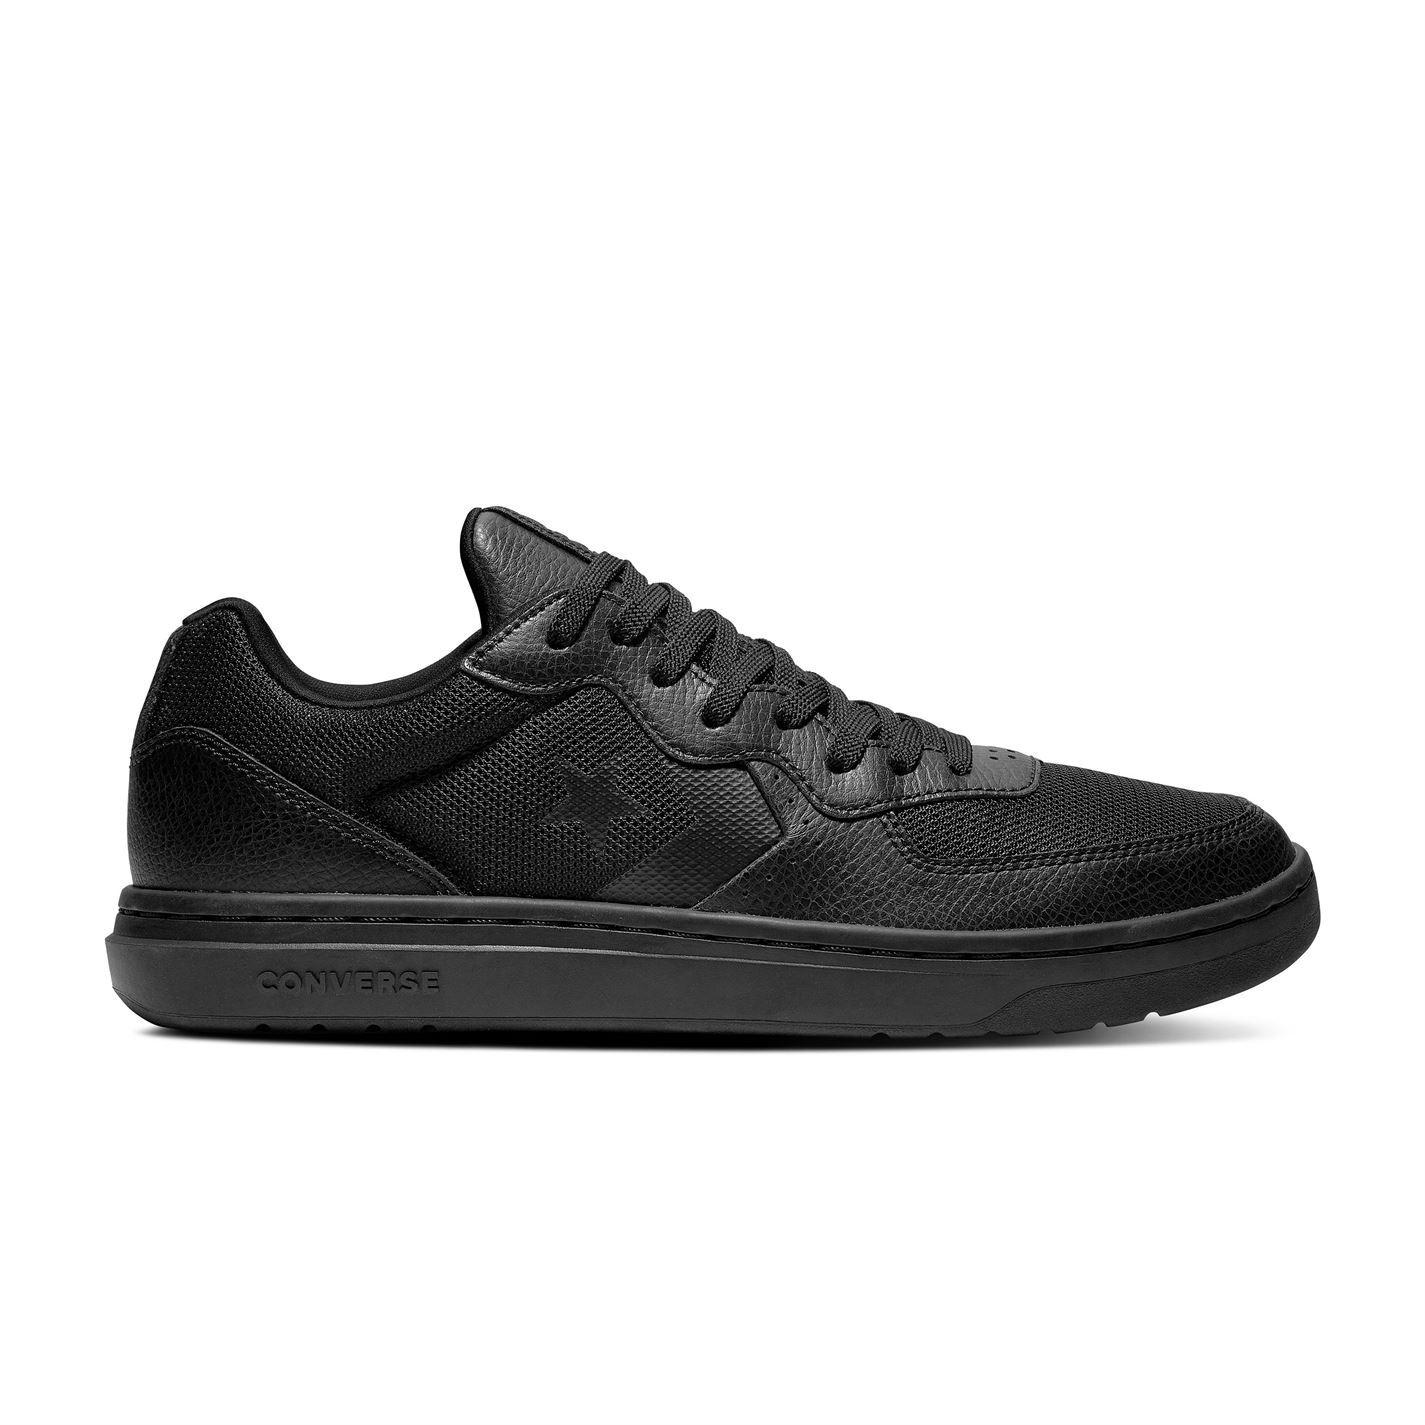 Converse-Rival-Baskets-Pour-Homme-Chaussures-De-Loisirs-Chaussures-Baskets miniature 5